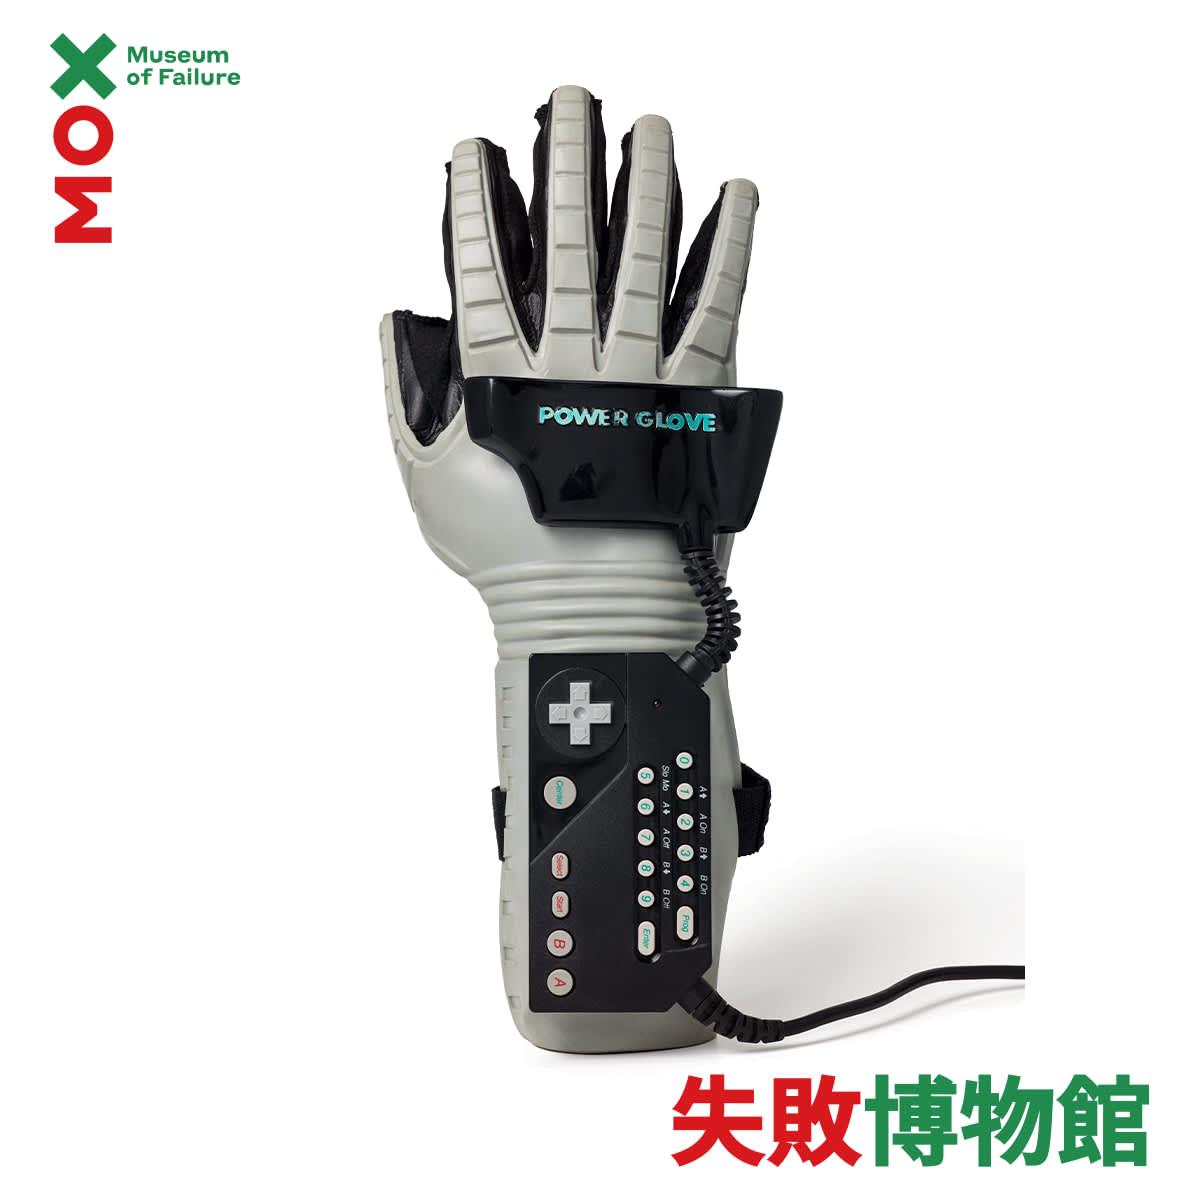 充滿未來感的手套究竟是用來做什麼的呢?